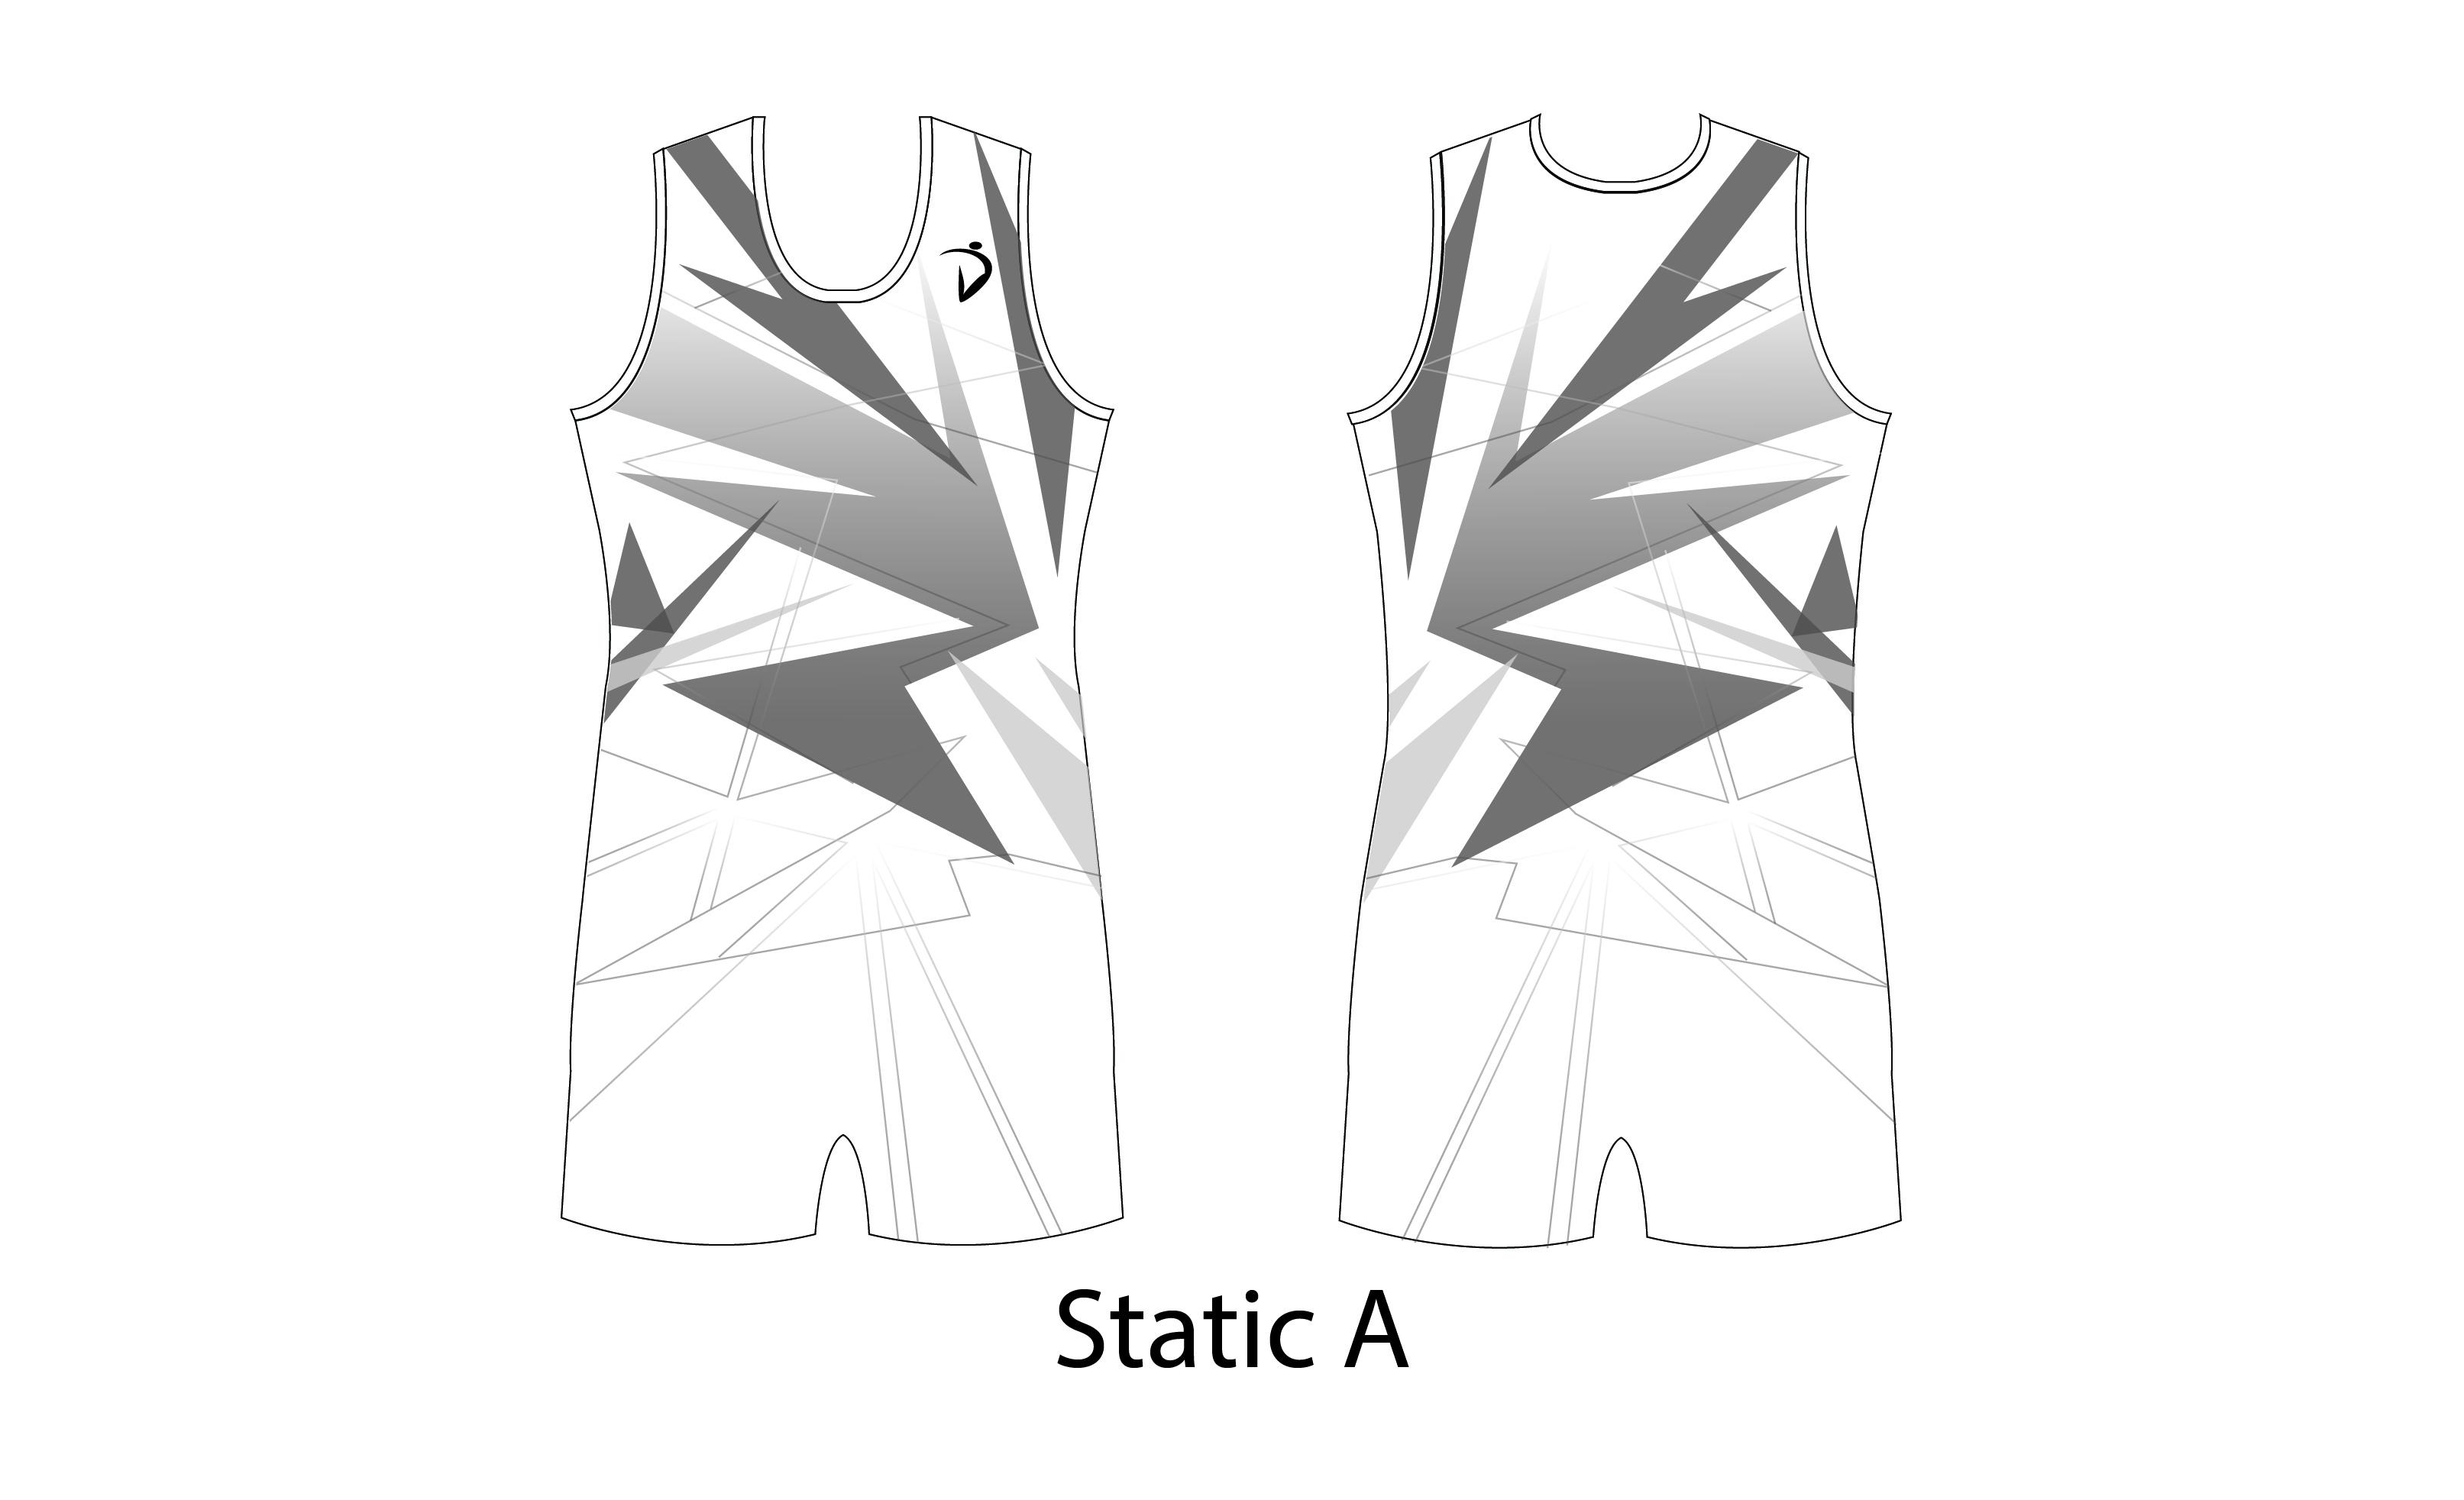 Static A